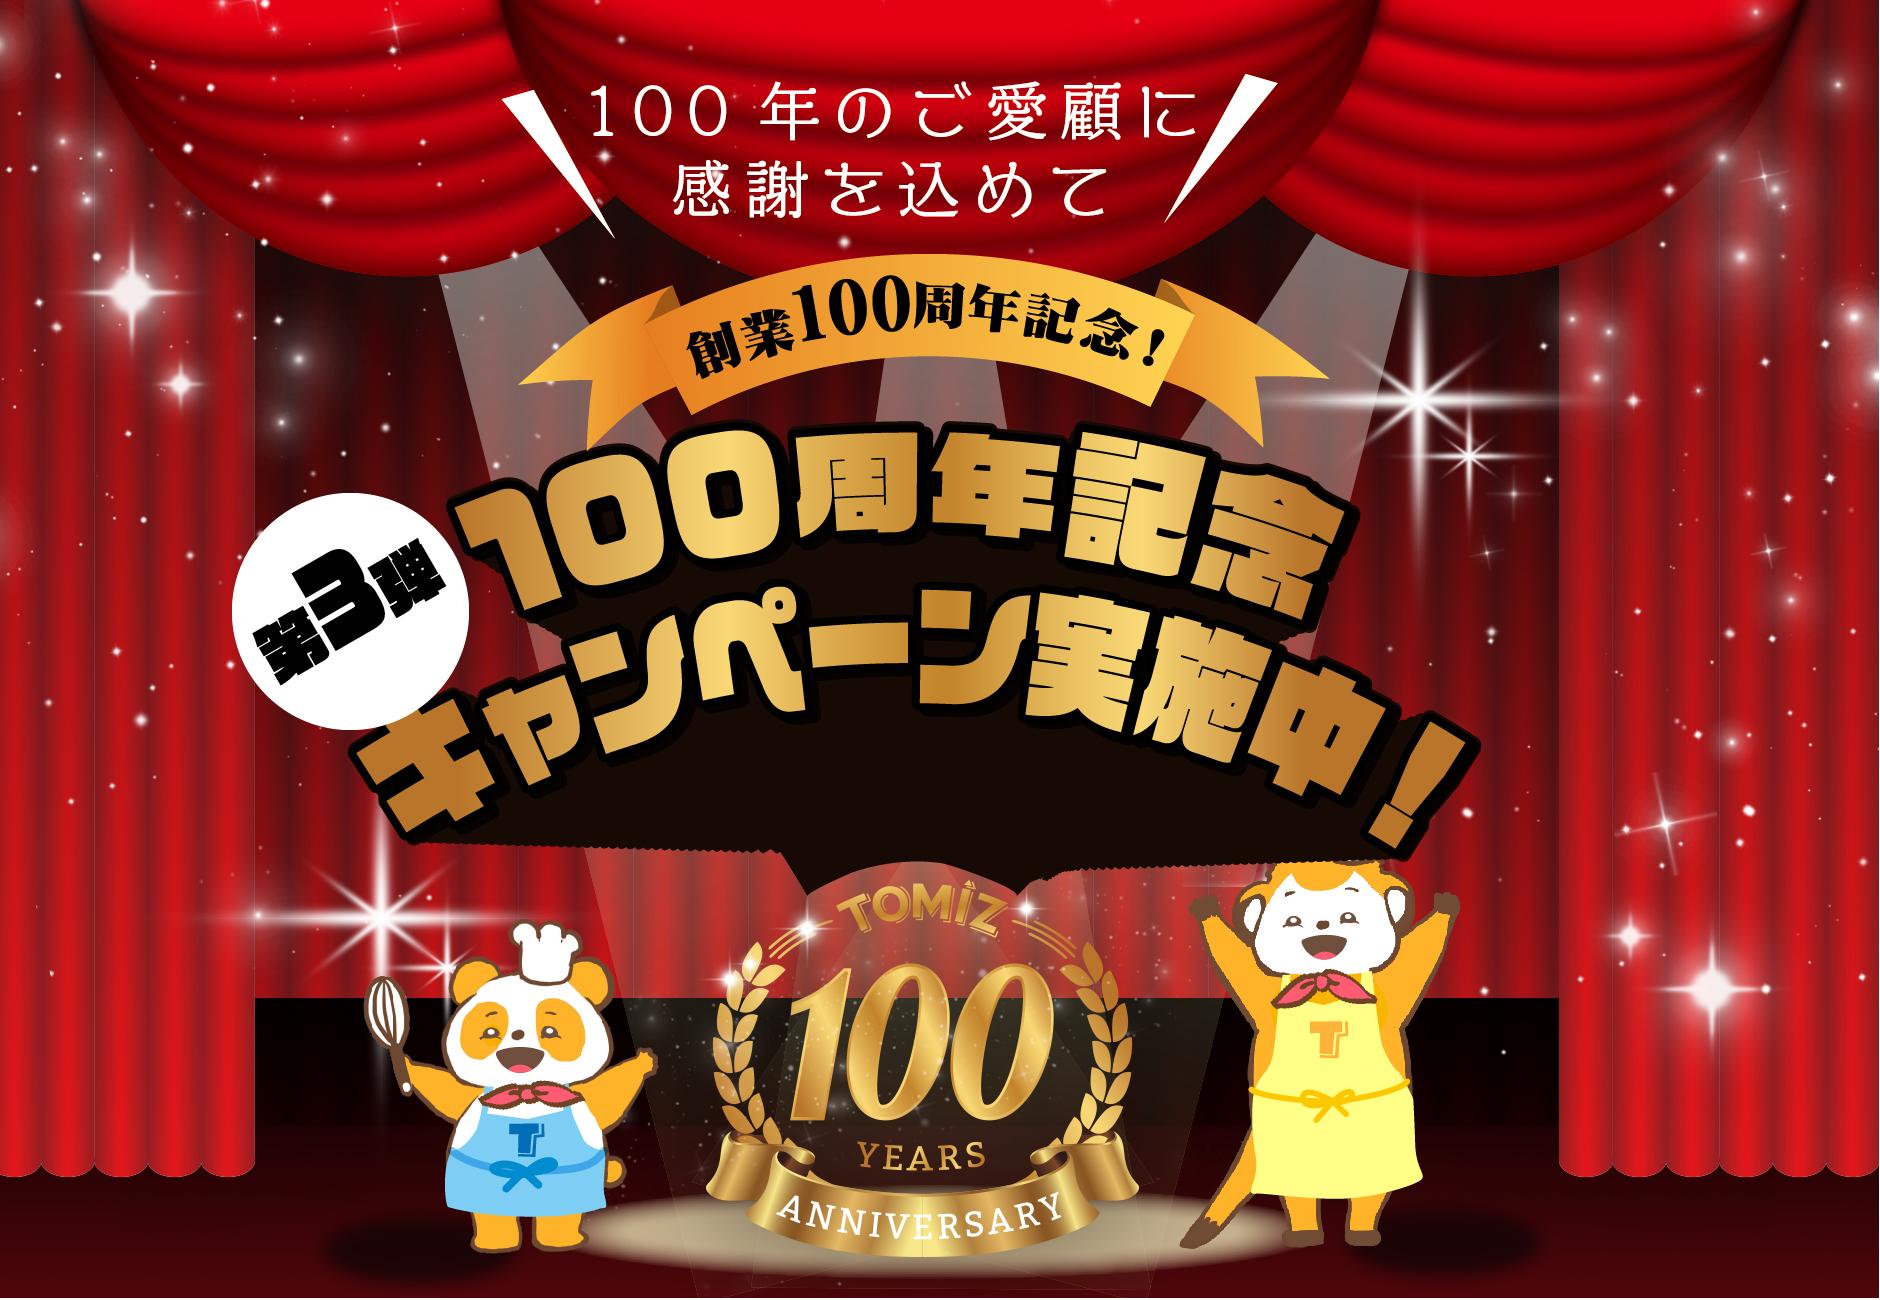 100周年記念キャンペーン